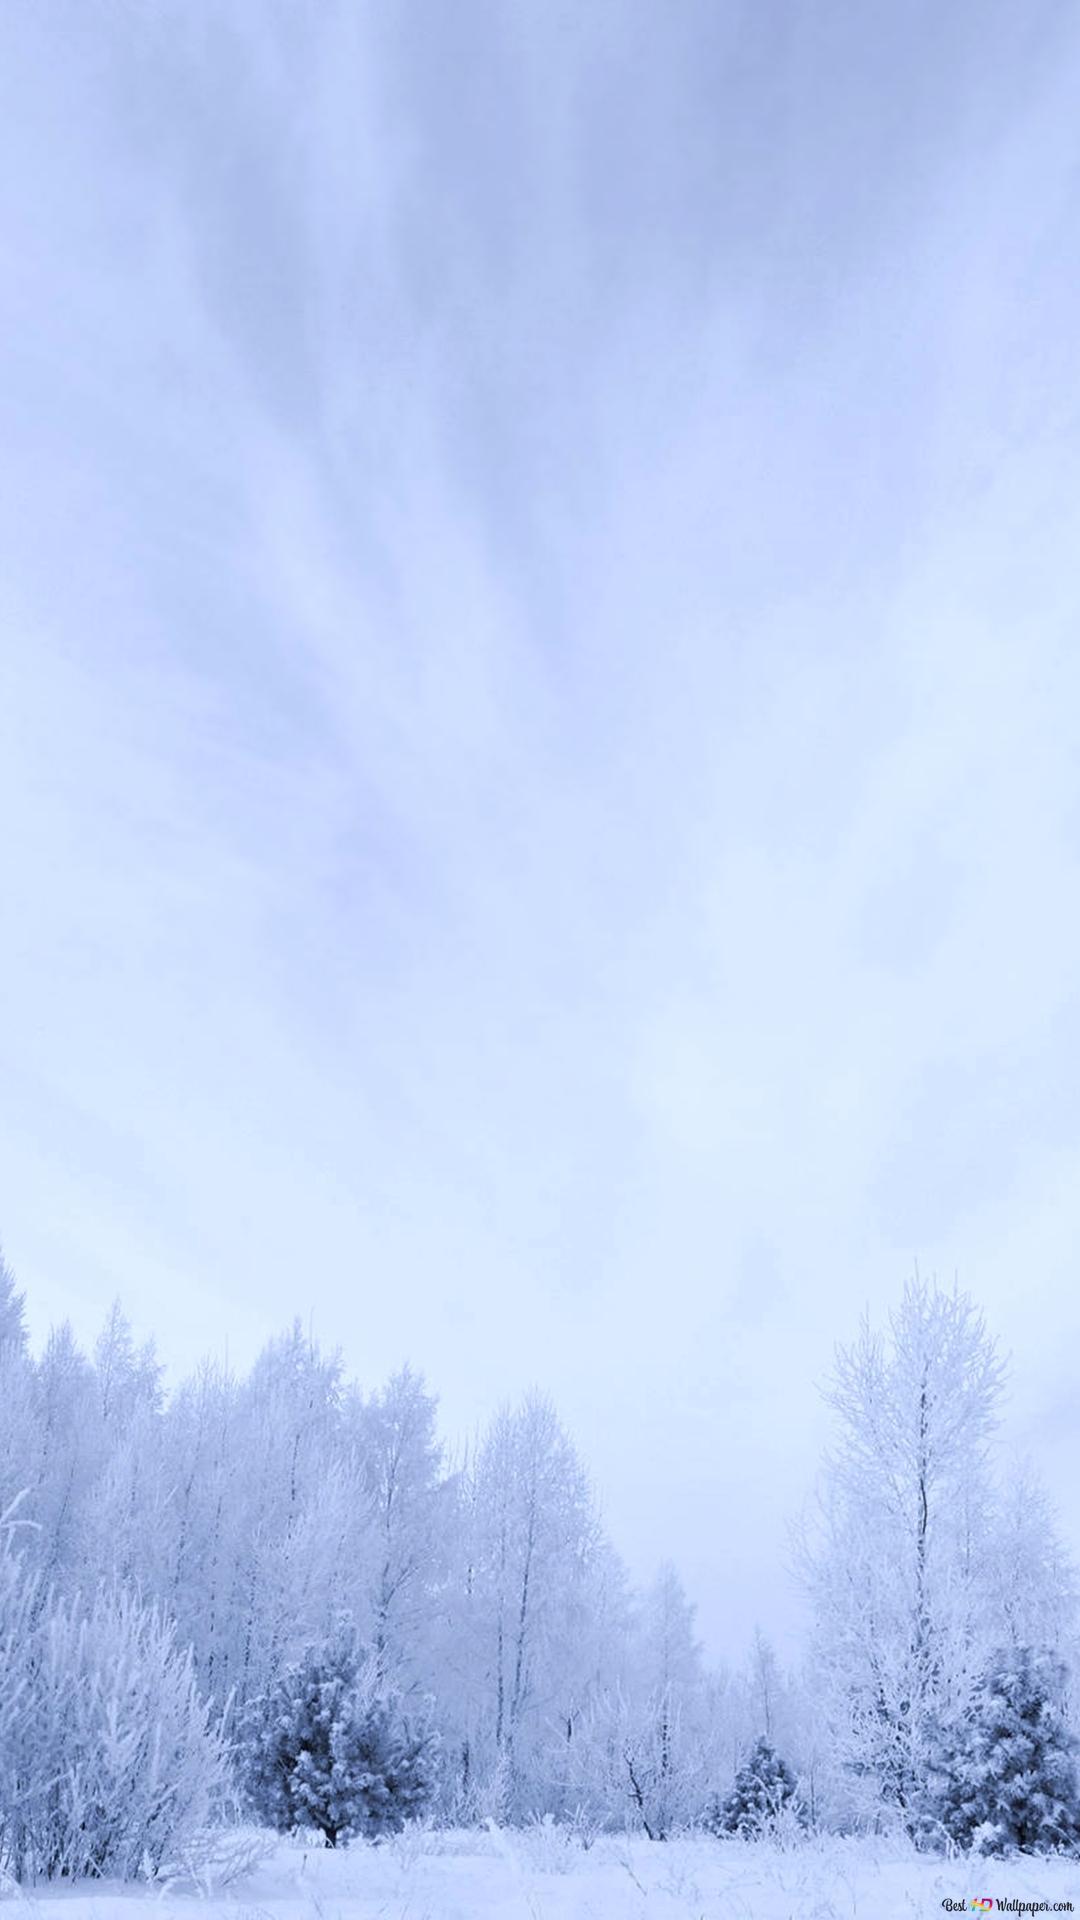 非常に白い冬 Hd壁紙のダウンロード